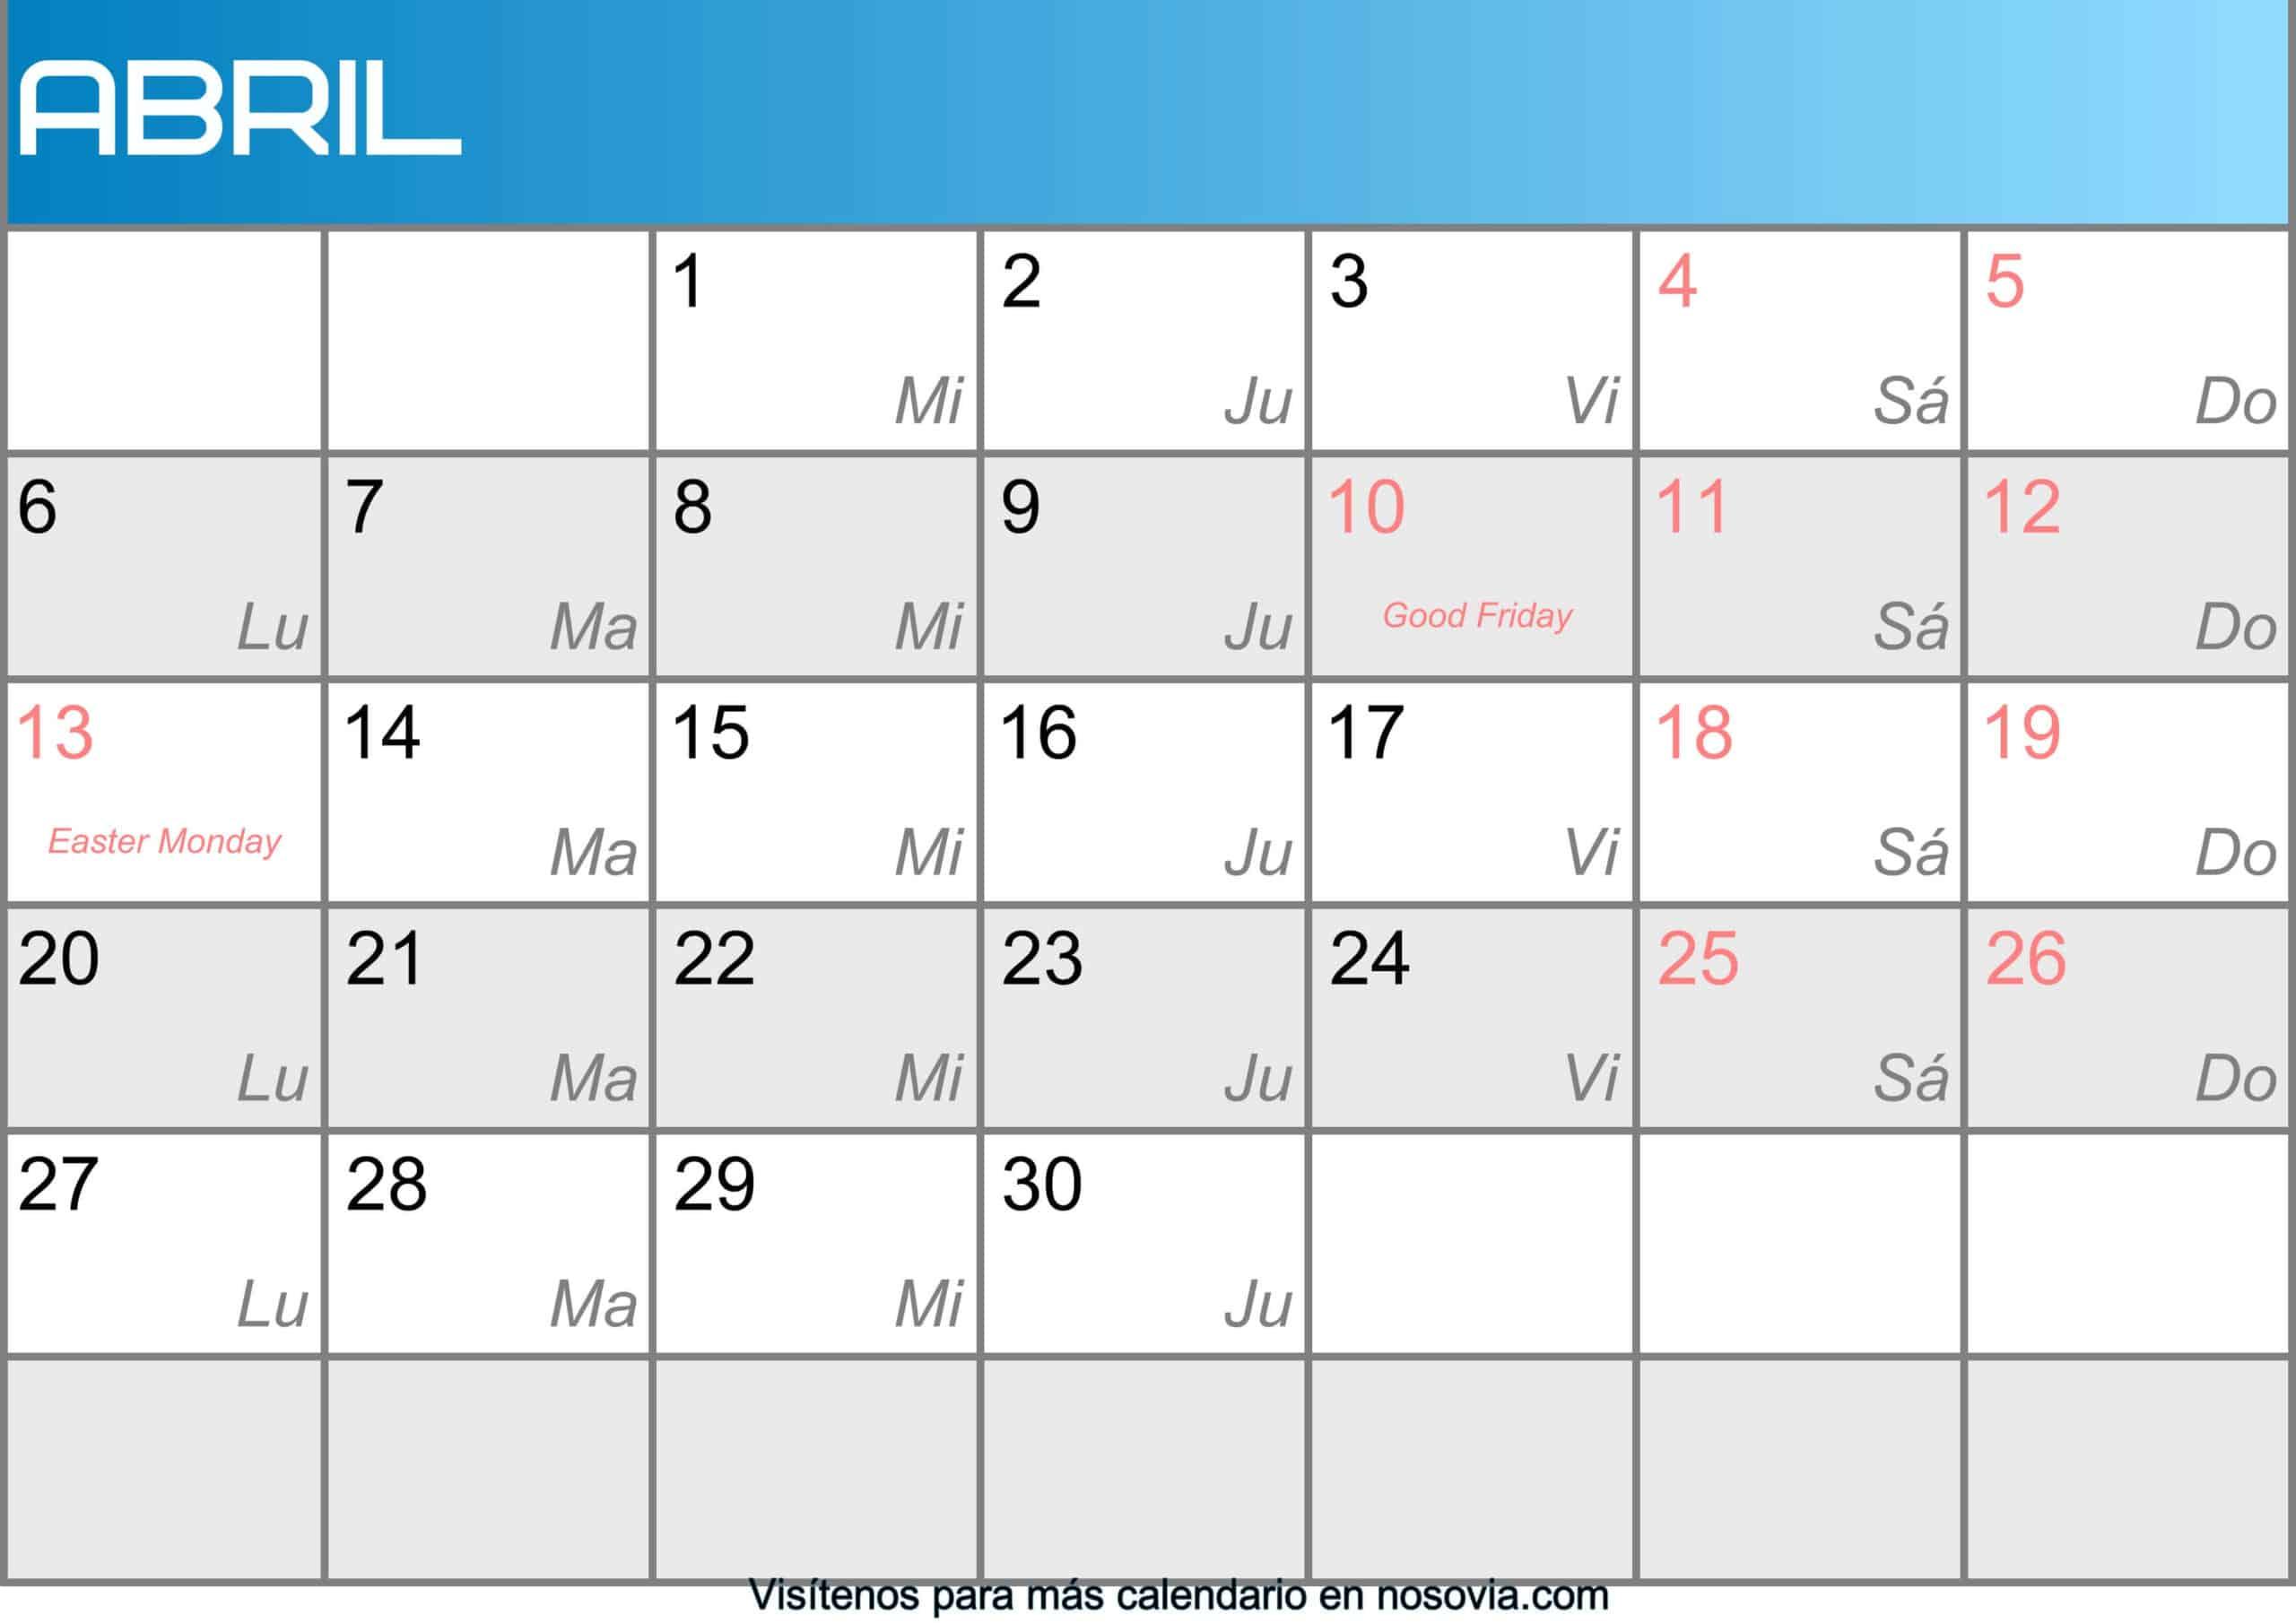 Calendario abril 2020 Con Festivos Imágenes